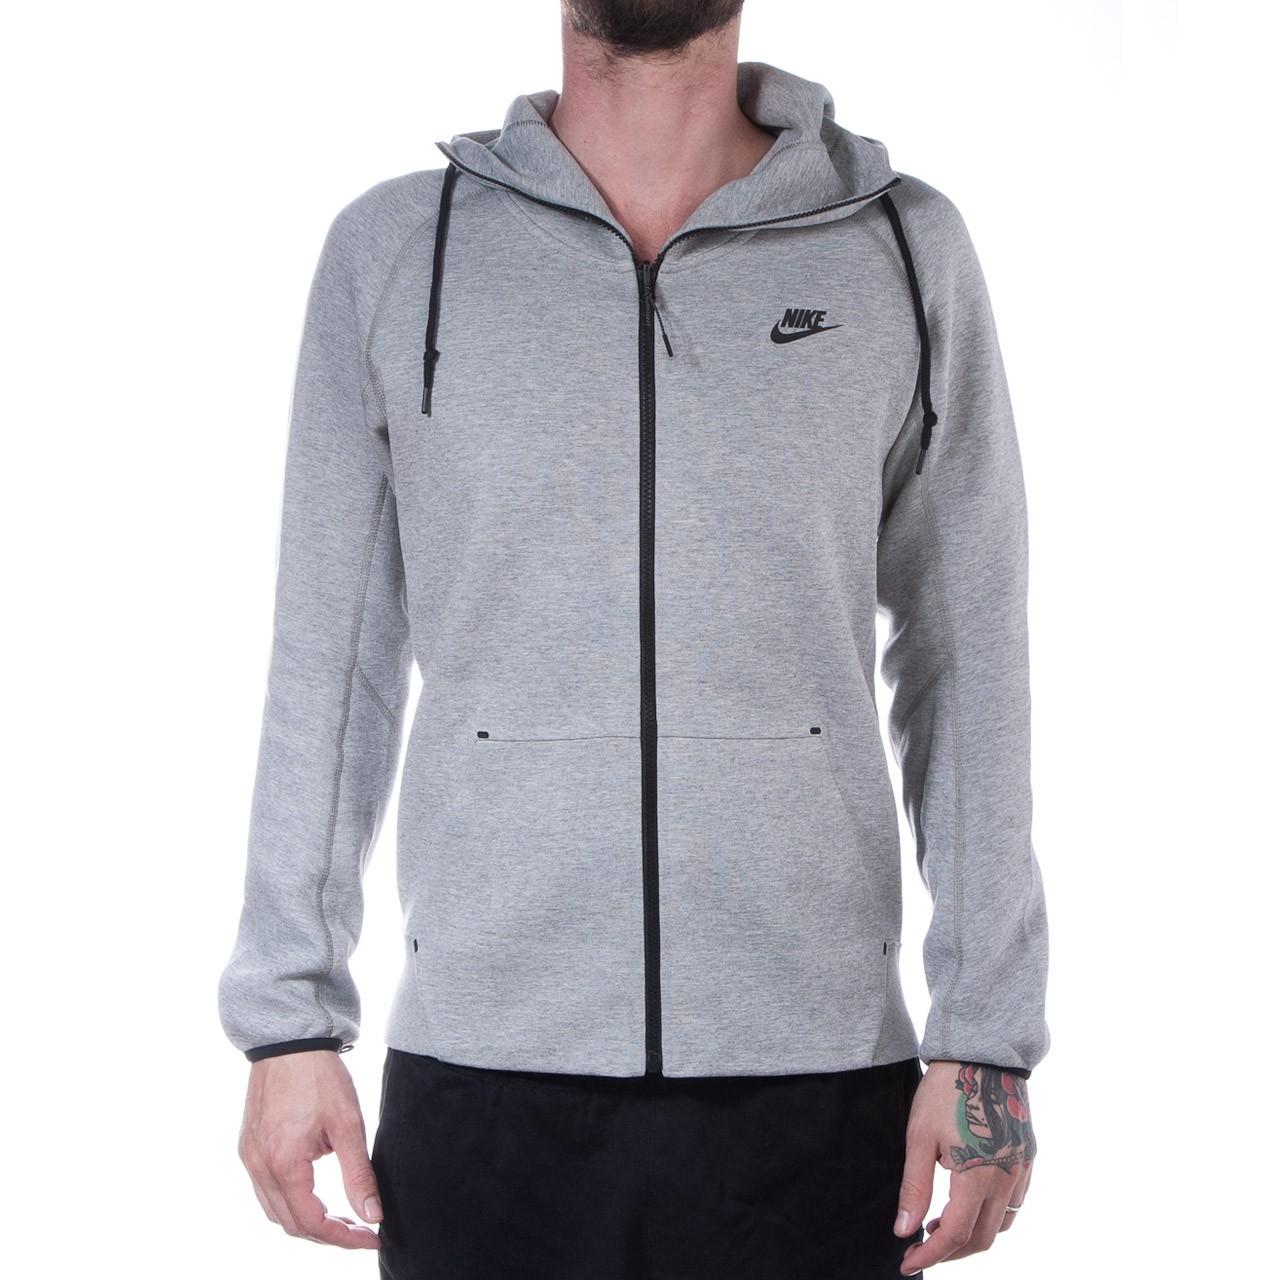 7bbe8227ff9e Nike 2 in 1 Tech Jacket (Grey   Black)